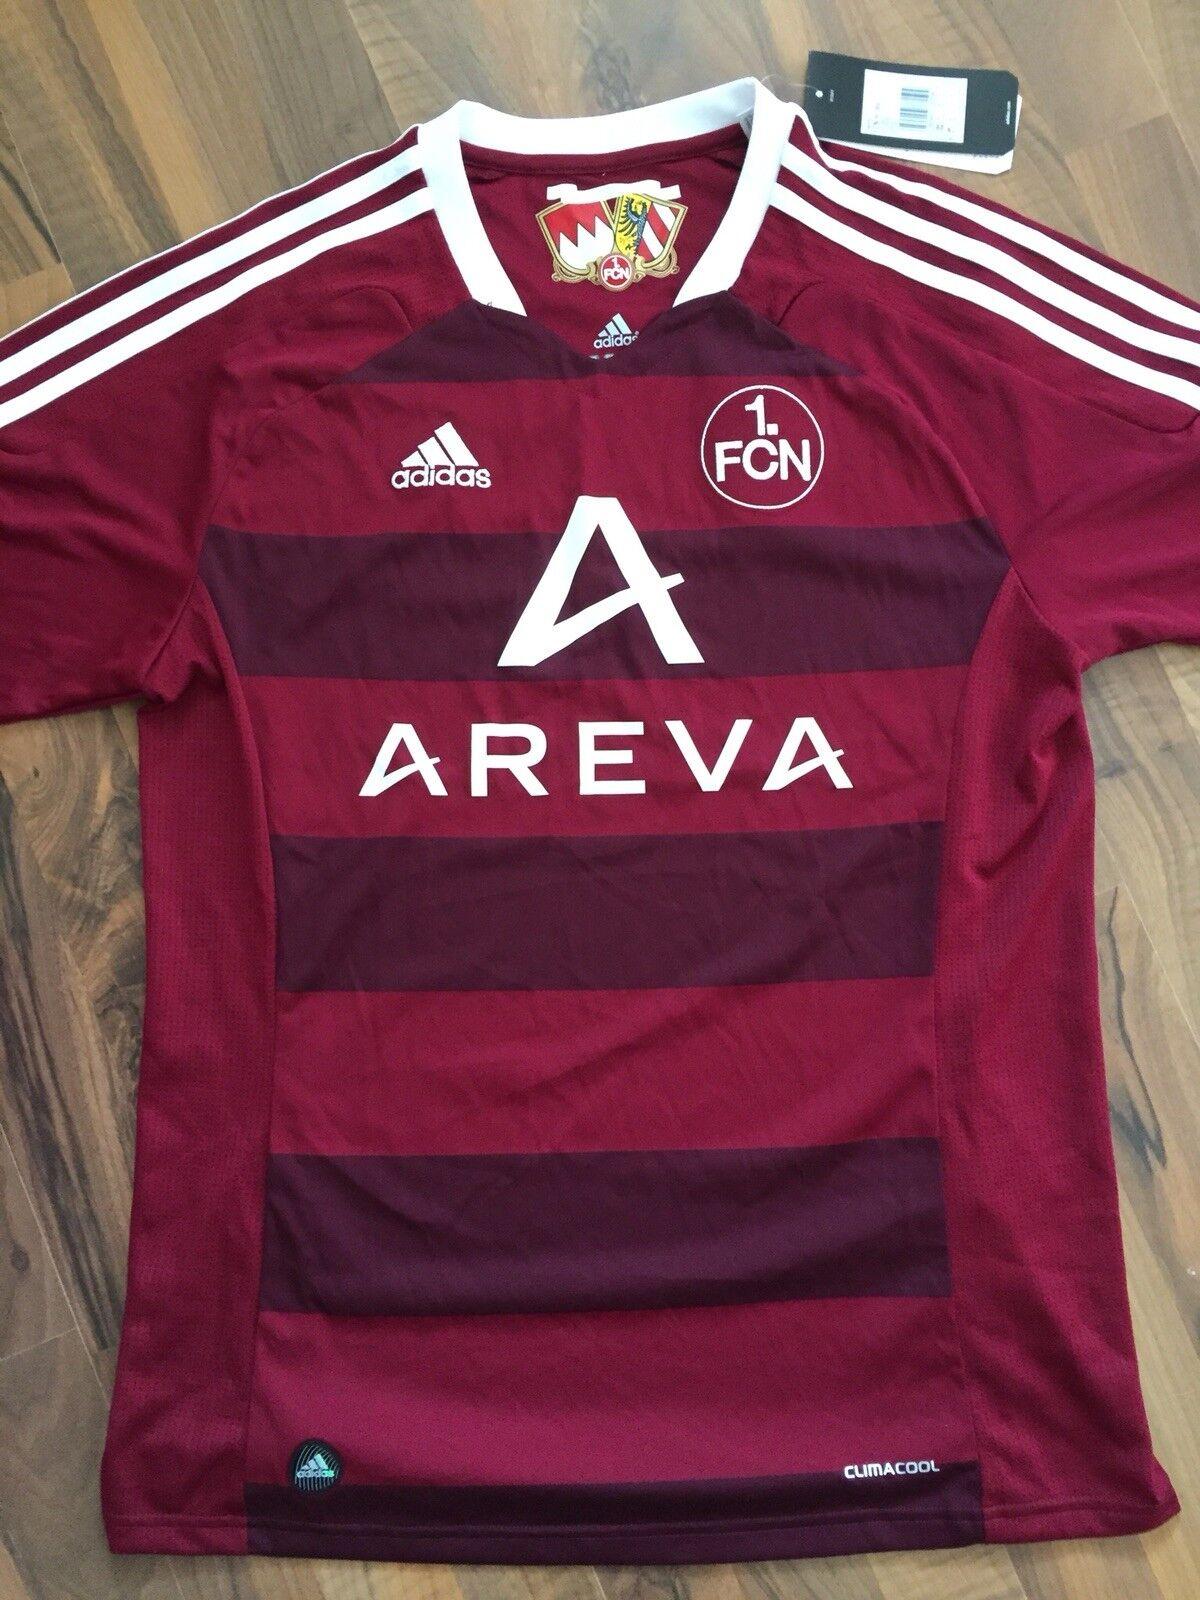 1. FCN FCN 1. Nürnberg Club Trikot f5c57e